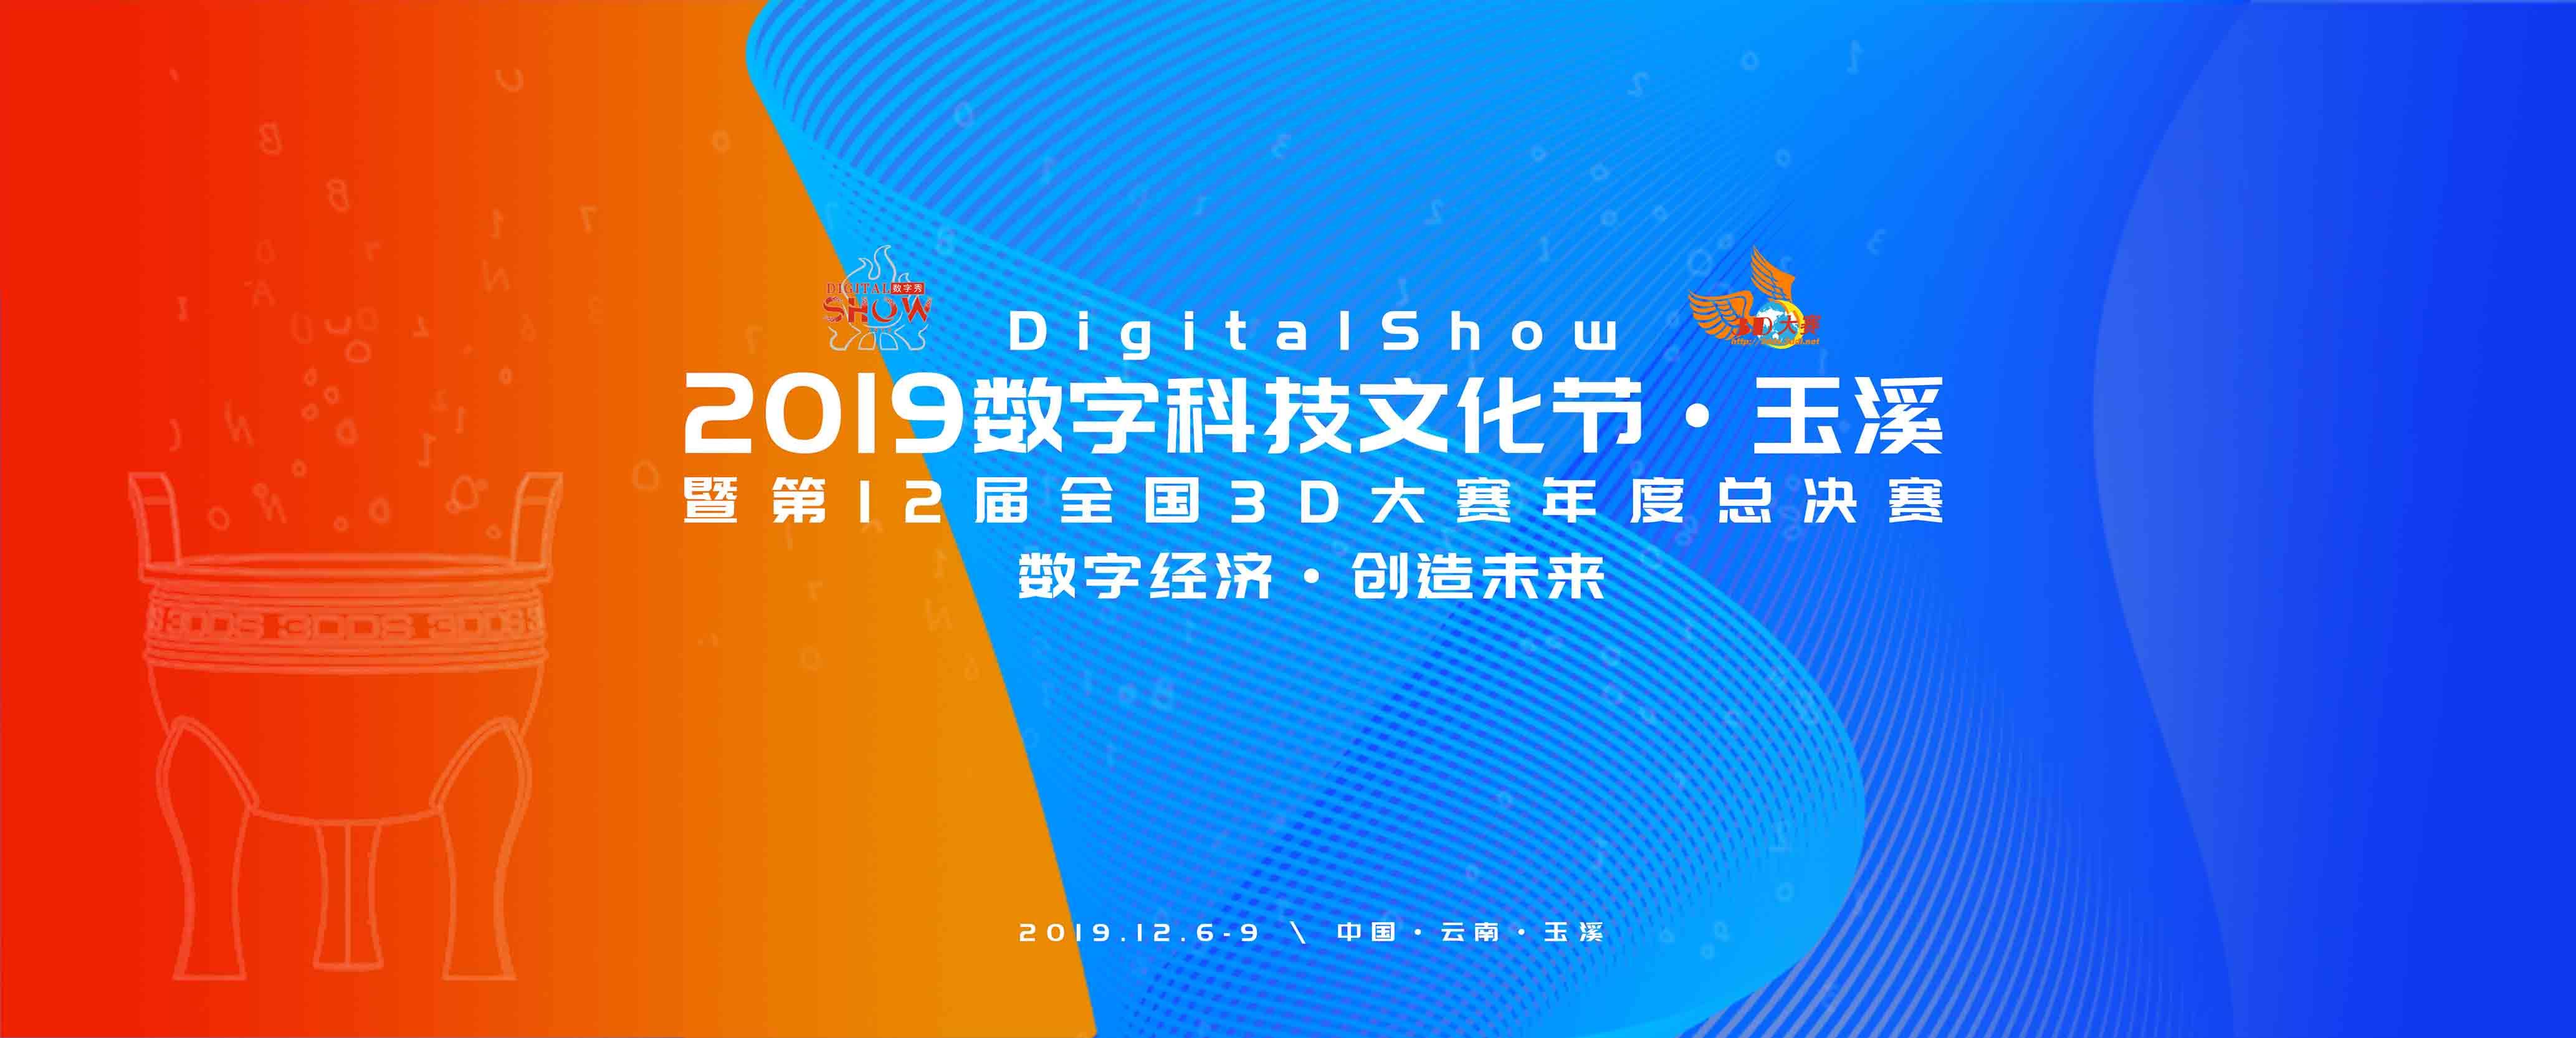 DigitalShow2019数字科技文化节将在云南玉溪举行